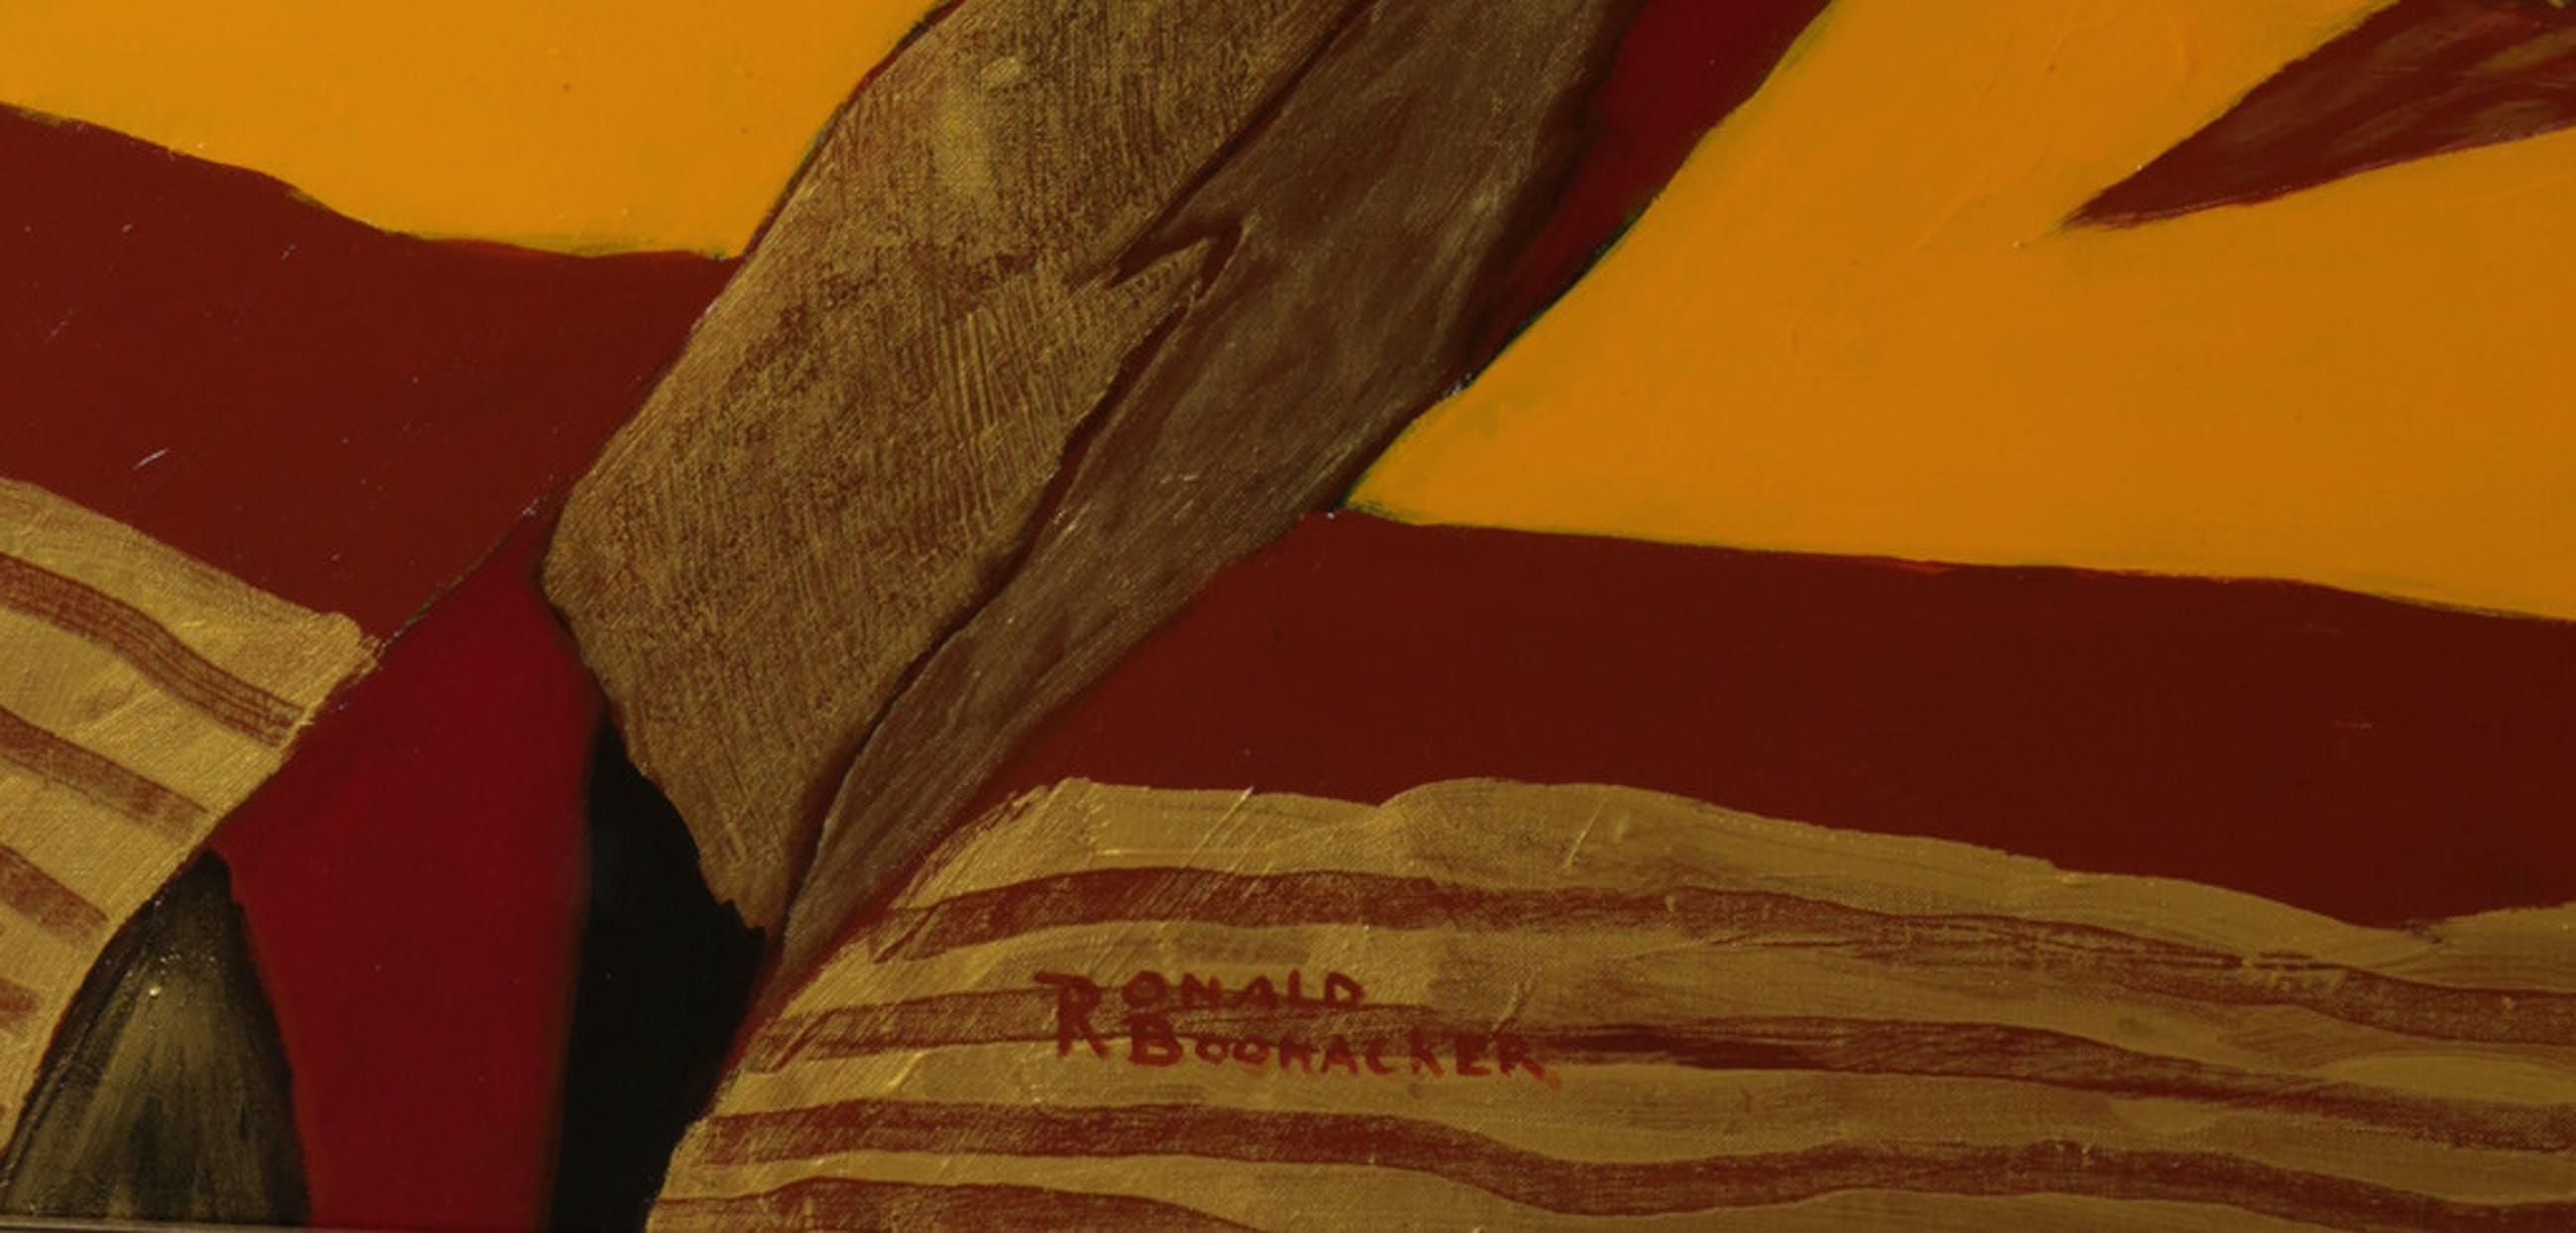 Ronald Boonacker: Acryl op doek, Palm - Ingelijst (Zeer groot!) kopen? Bied vanaf 450!